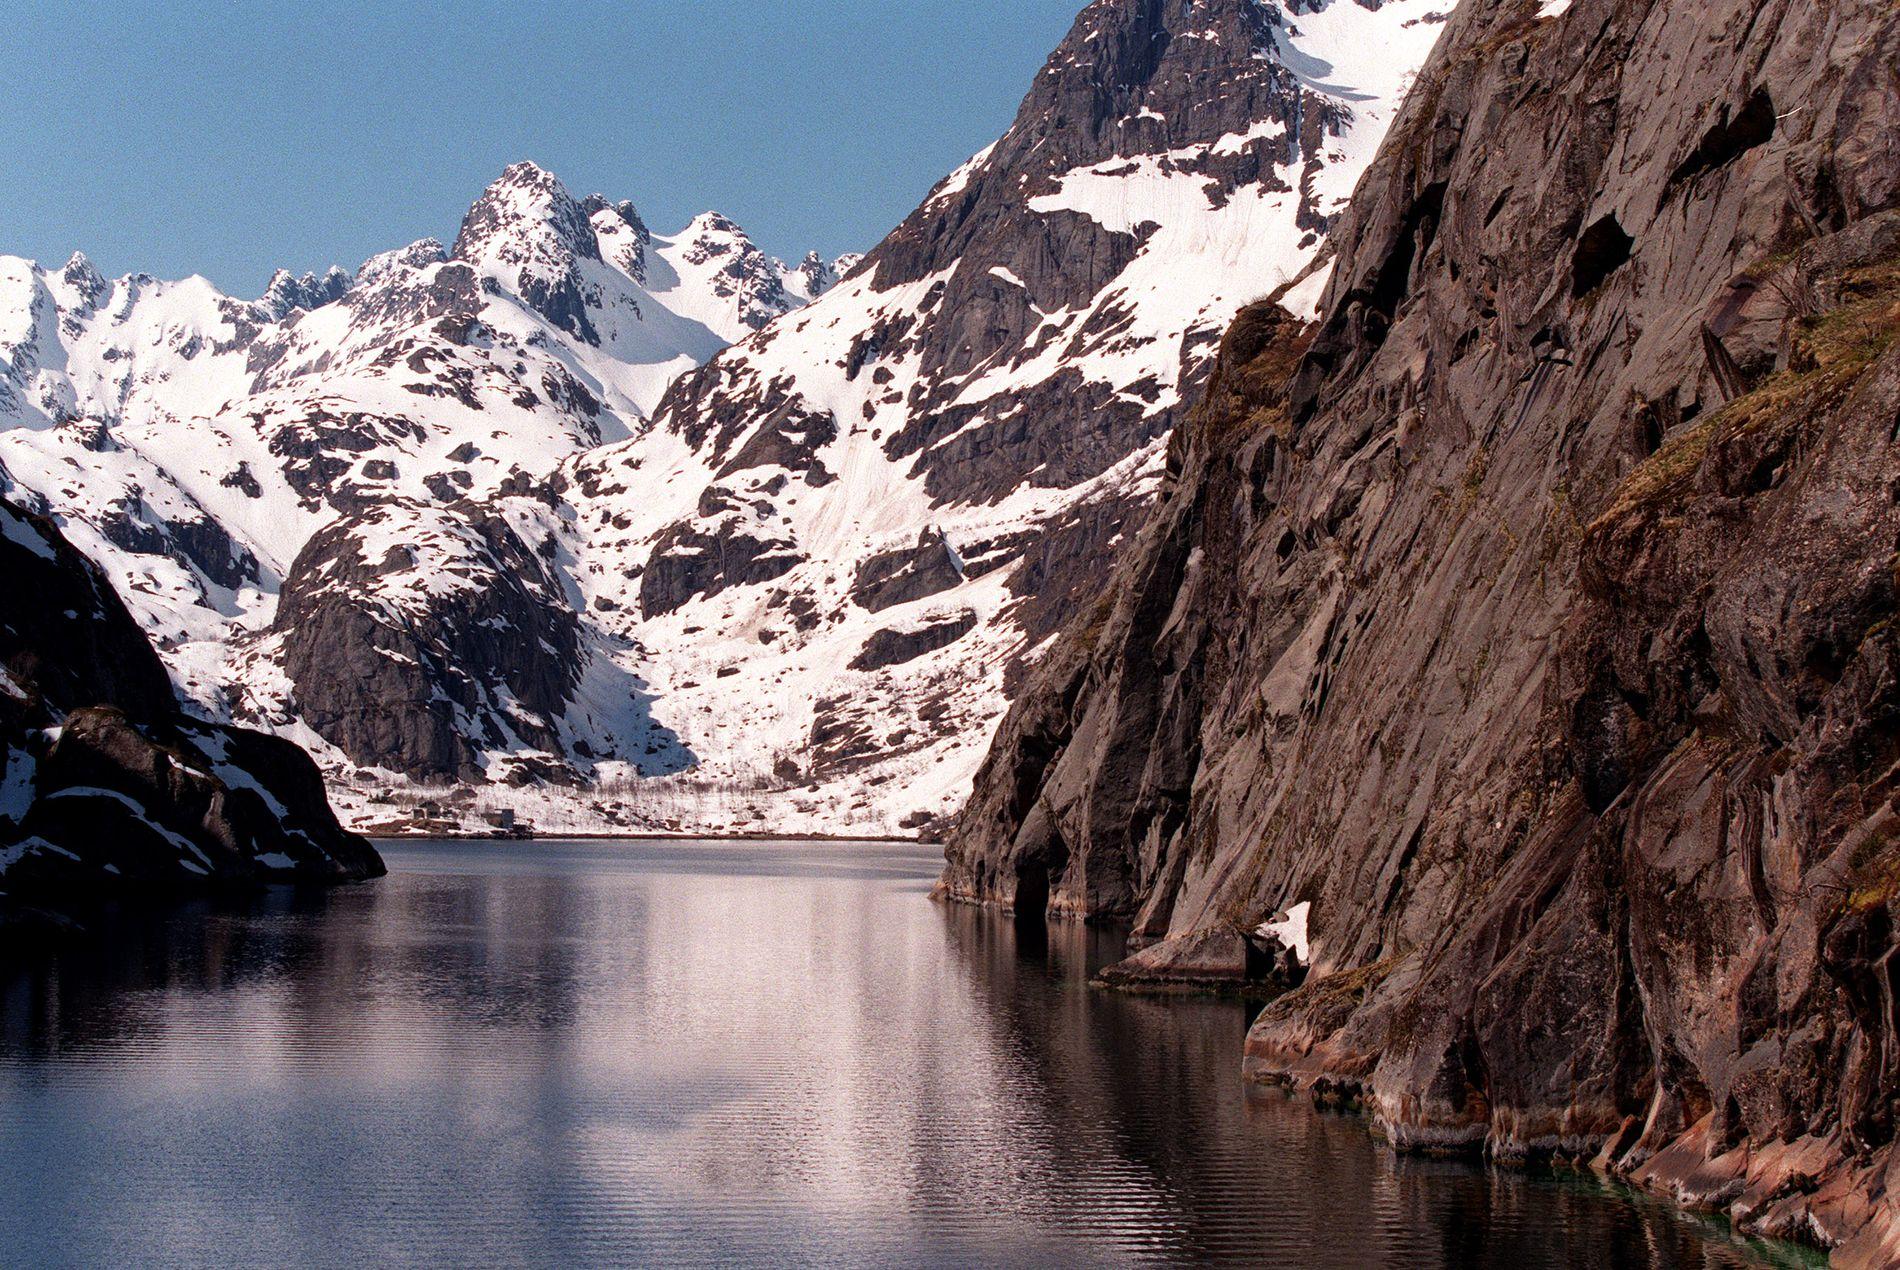 HOLLYWOOD VERDIG: Majestetiske fjell og vill norsk natur blir bakteppe for sluttsekvensen i filmen «Downsizing».